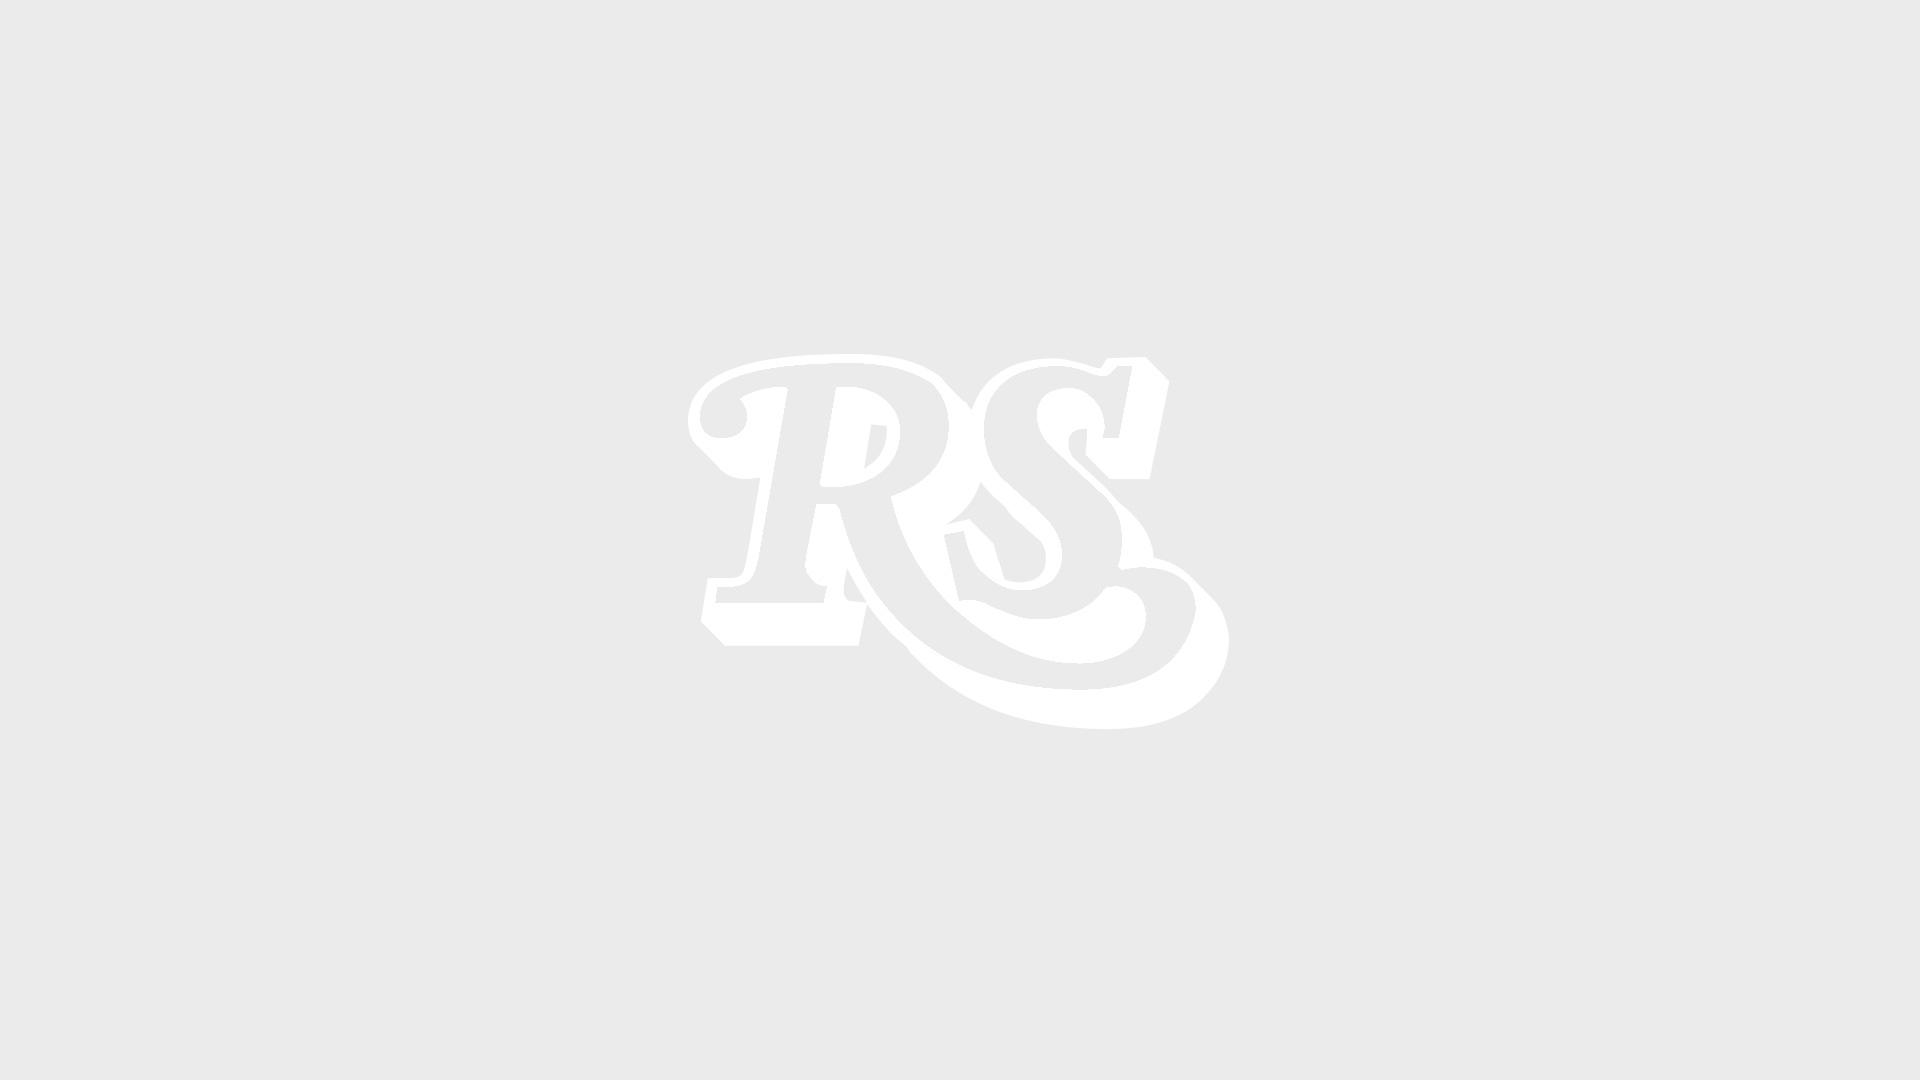 6. Julia Roberts (16 Millionen Dollar)